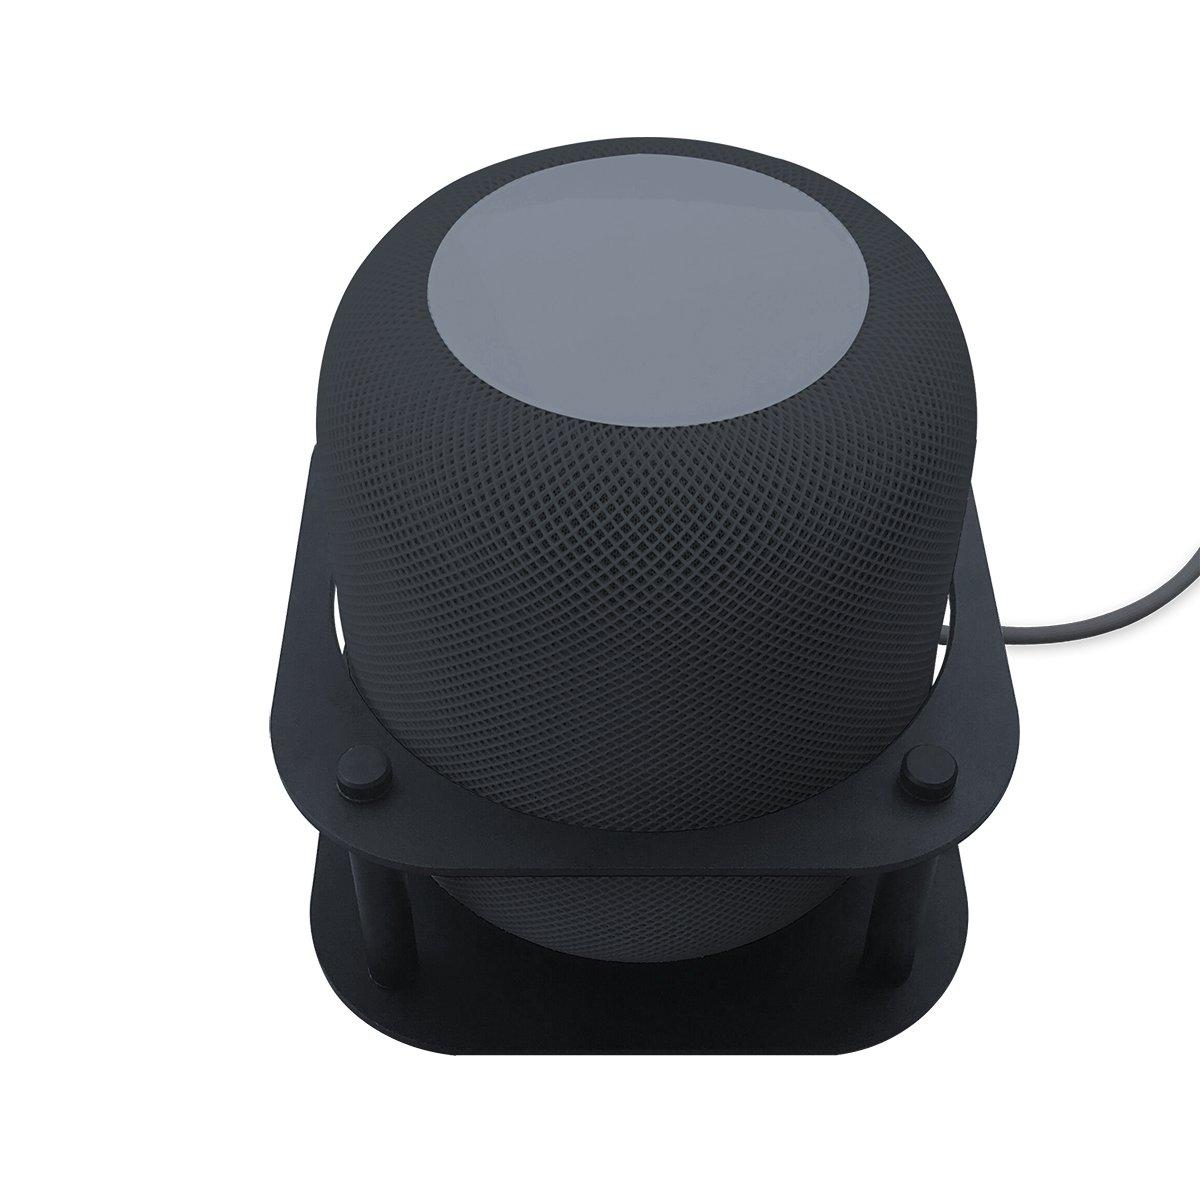 MeresアルミDetchableデスクトップマウントホルダースタンドブラケットfor AIスピーカー ブラック IGHP B07C94FXMF  ブラック